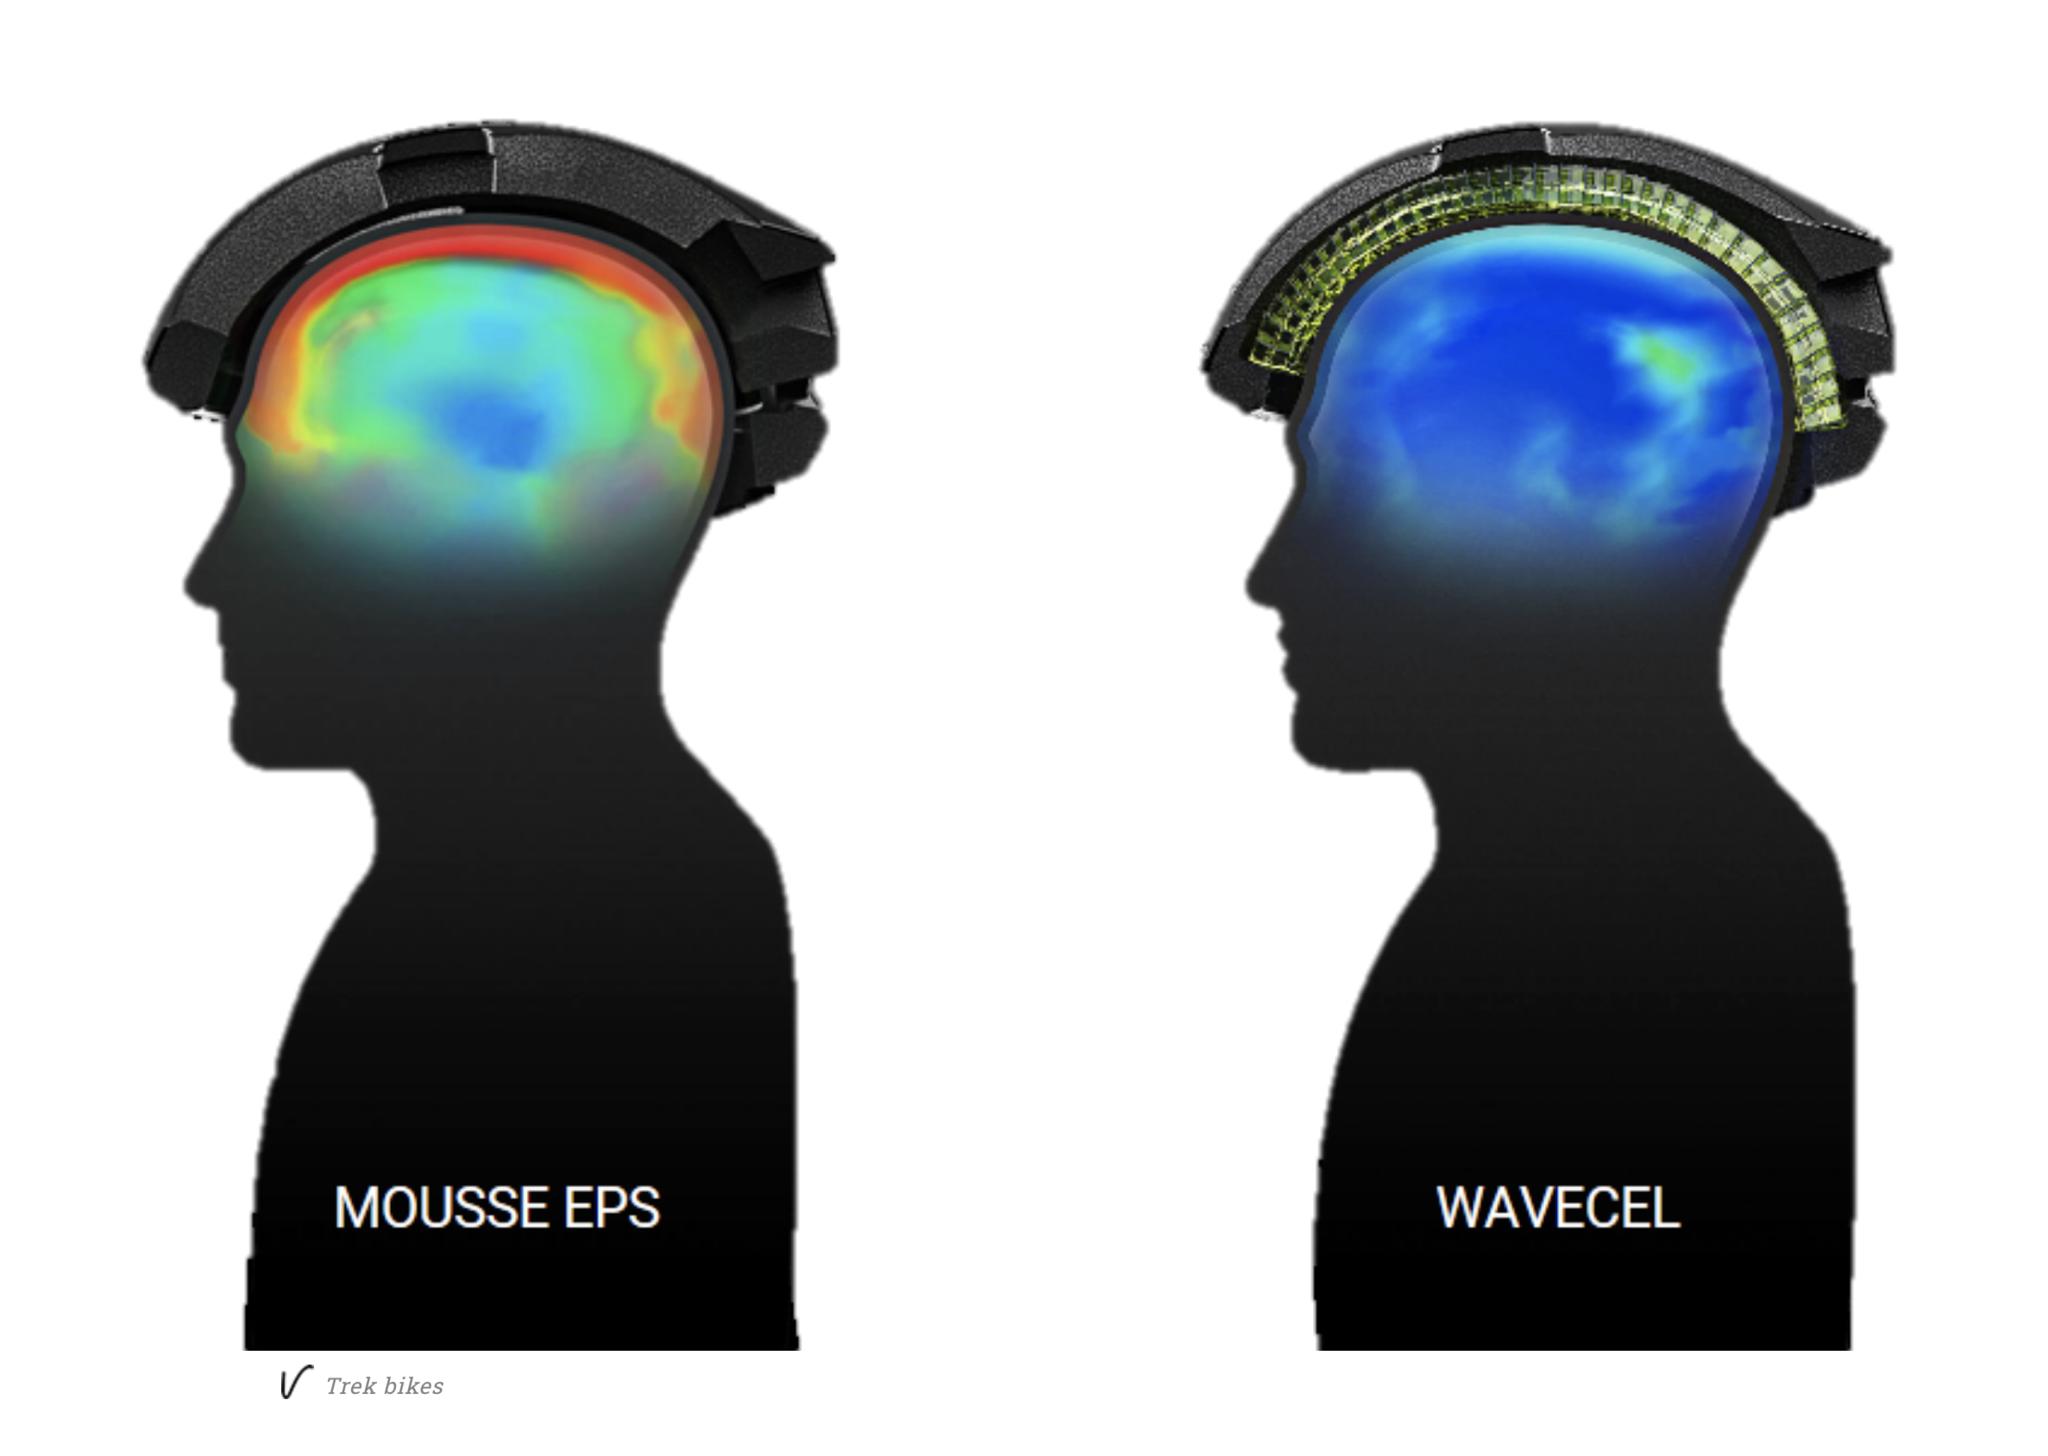 wavecell comparison